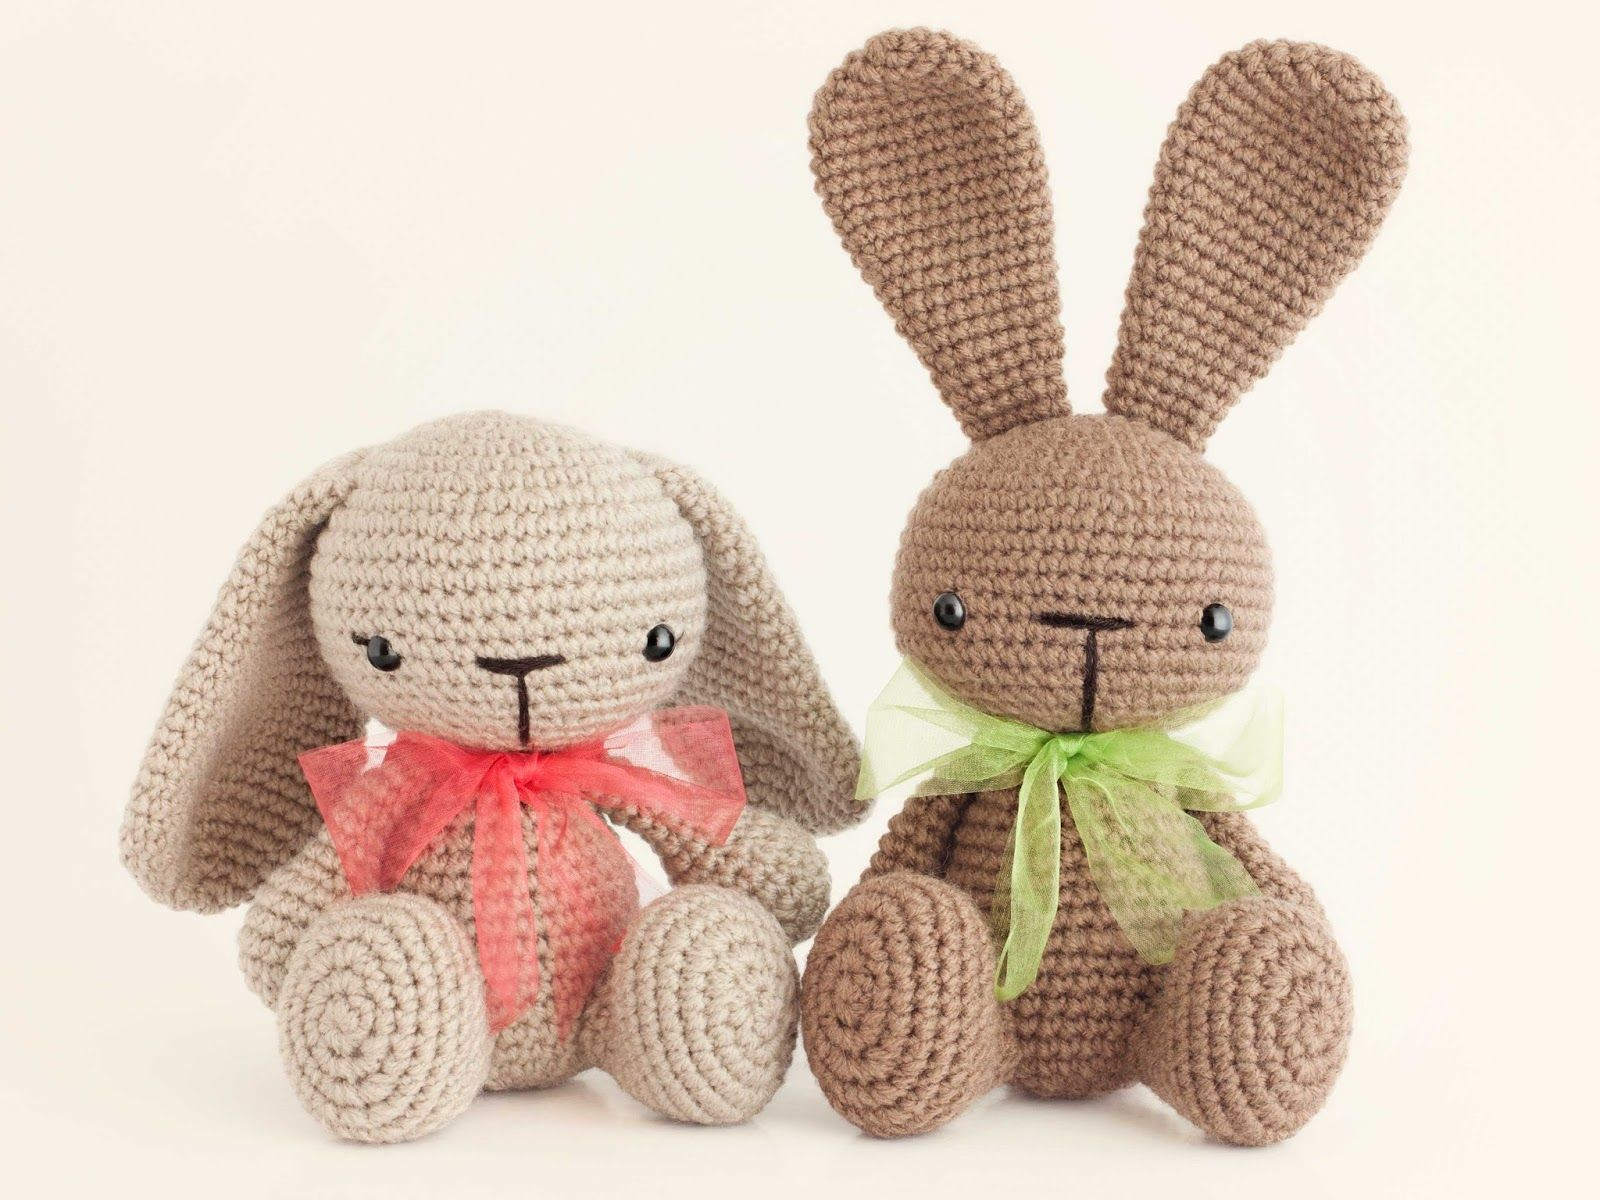 Crochet Amigurumi Blogs : Blog en espanol con mucho amigurumi amigurumi ...